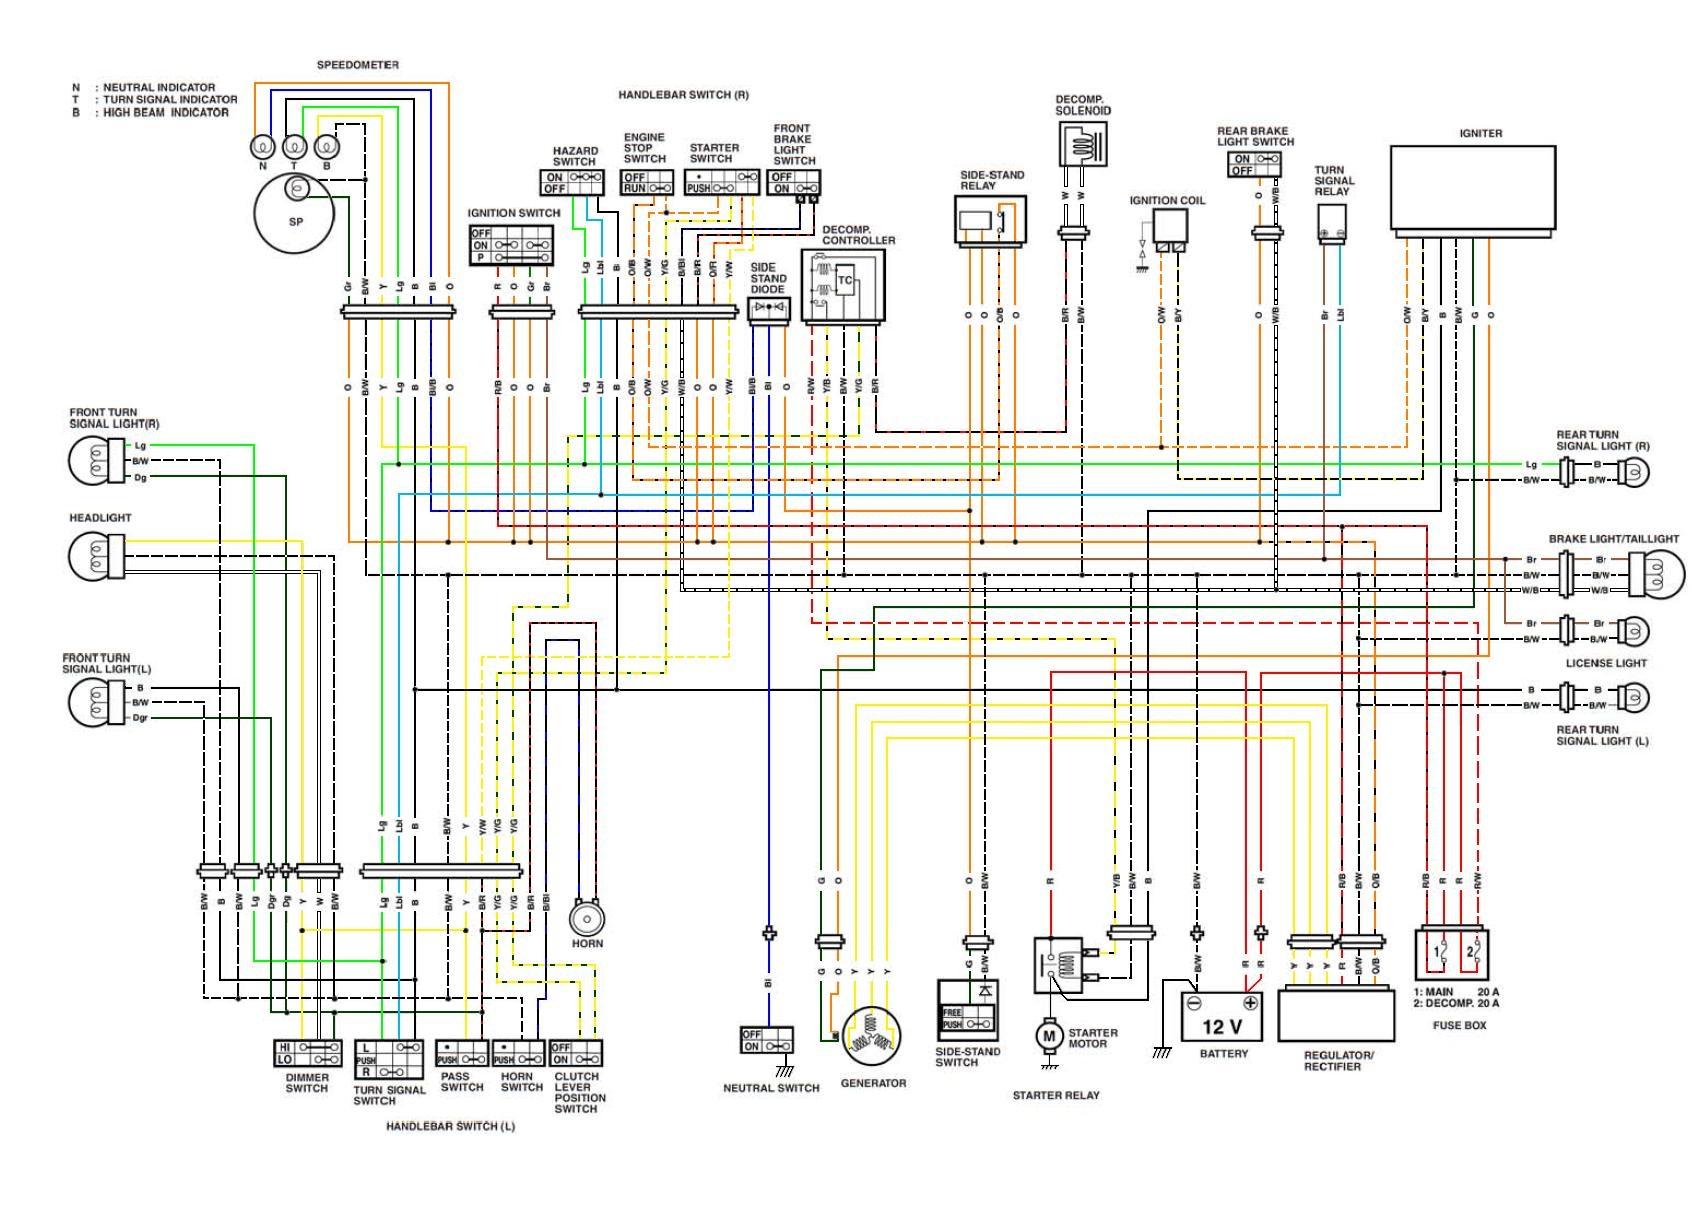 Harley Sportster Wiring Diagram | Free Wiring Diagram